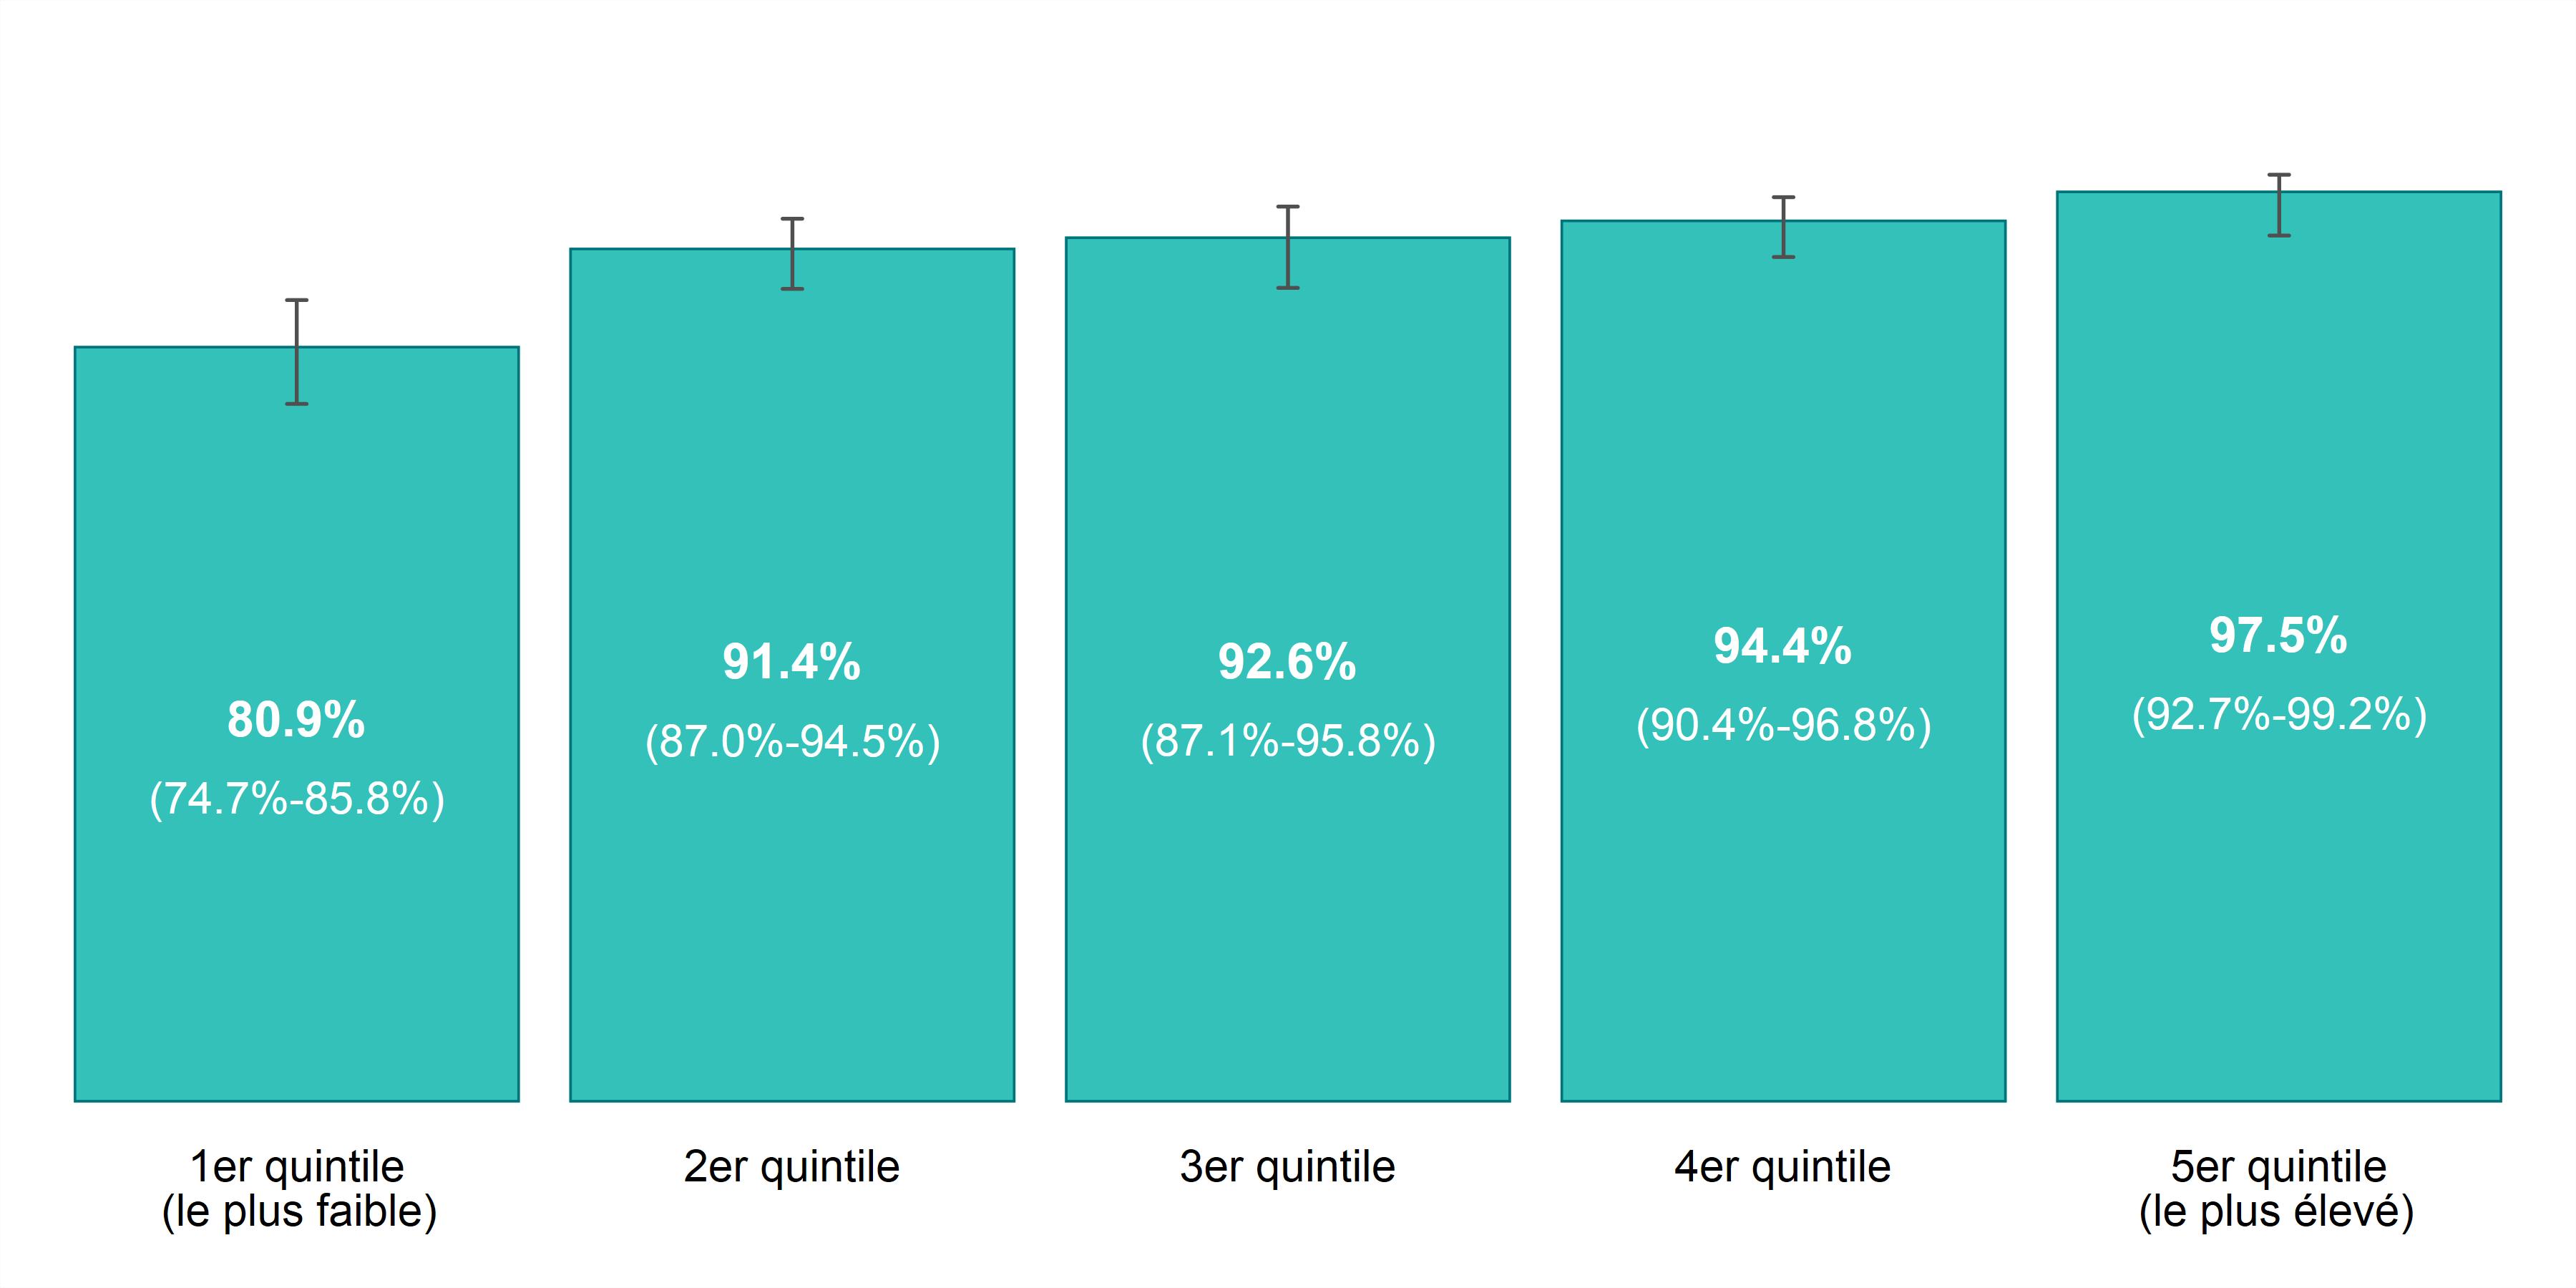 Ce graphique à barres illustre le taux de prévalence pour la satisfaction à l'égard de la vie (très satisfaisante ou satisfaisante), selon l'année et le revenu du ménage, chez les 12 ans ou plus, dans Sudbury et districts, de 2011 à 2014. Les données pour ce graphique se trouvent dans le tableau ci-dessous.